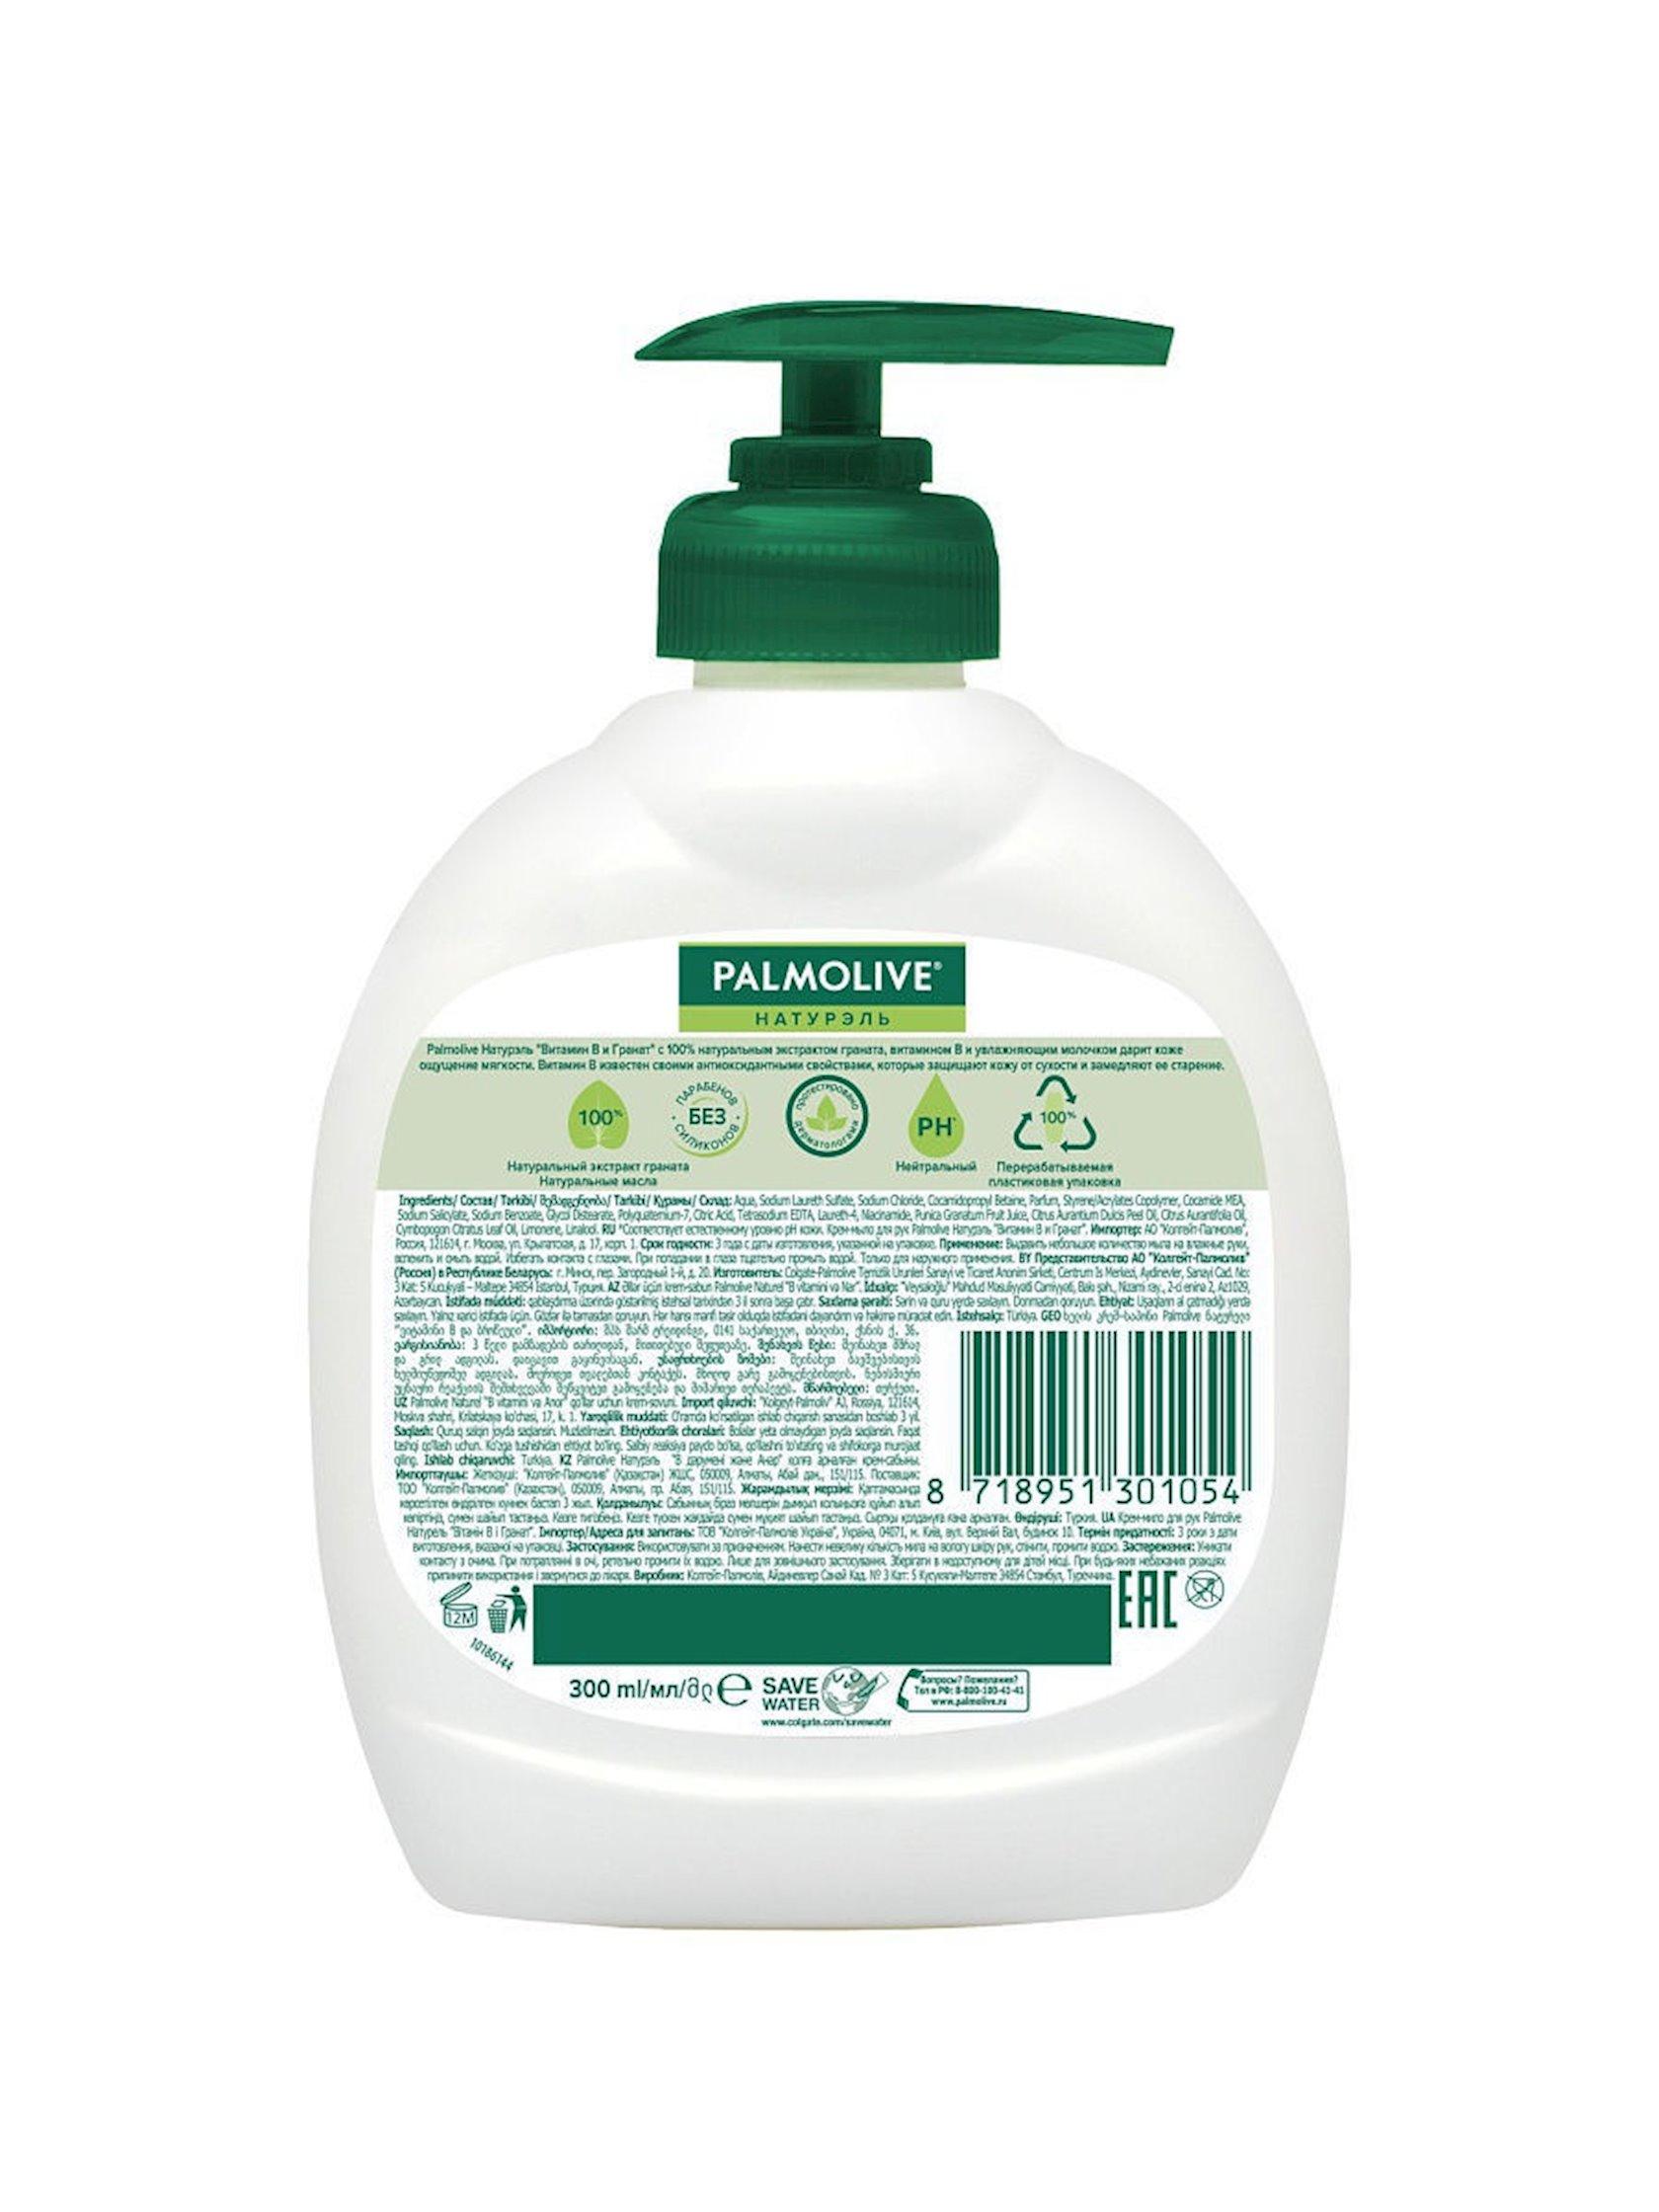 Maye krem sabun əllər üçün Palmolive Naturel Vitamin B və Nar 300 ml